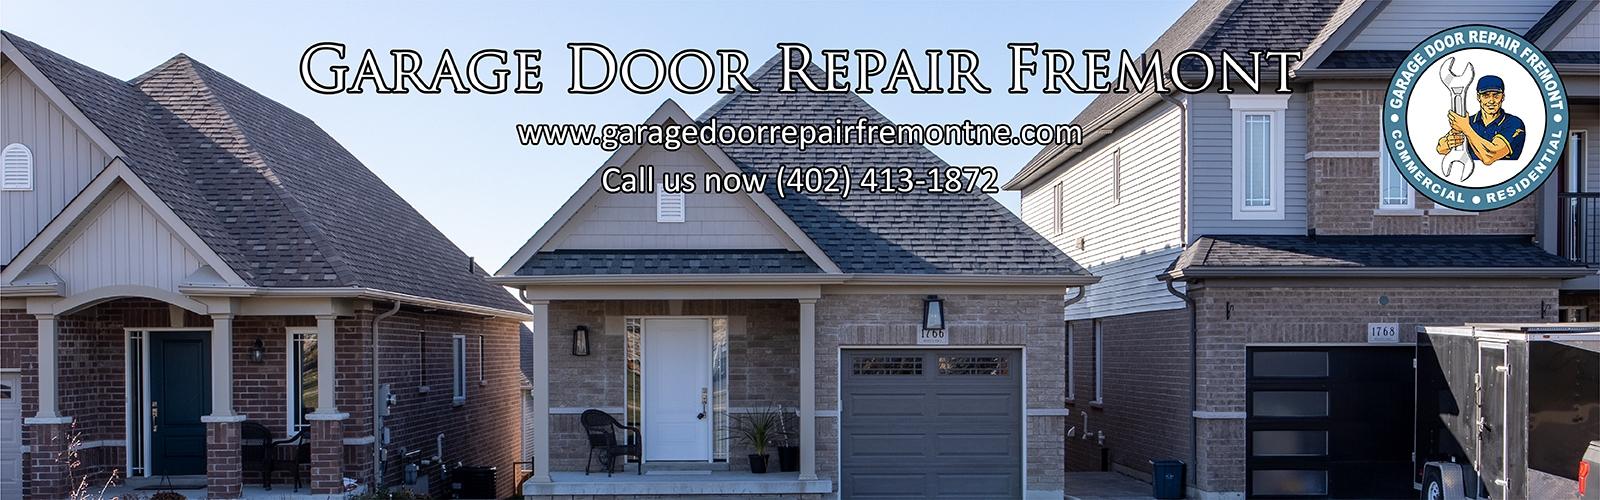 Garage Door Repair Fremont (@garagedoorrepairfremont) Cover Image